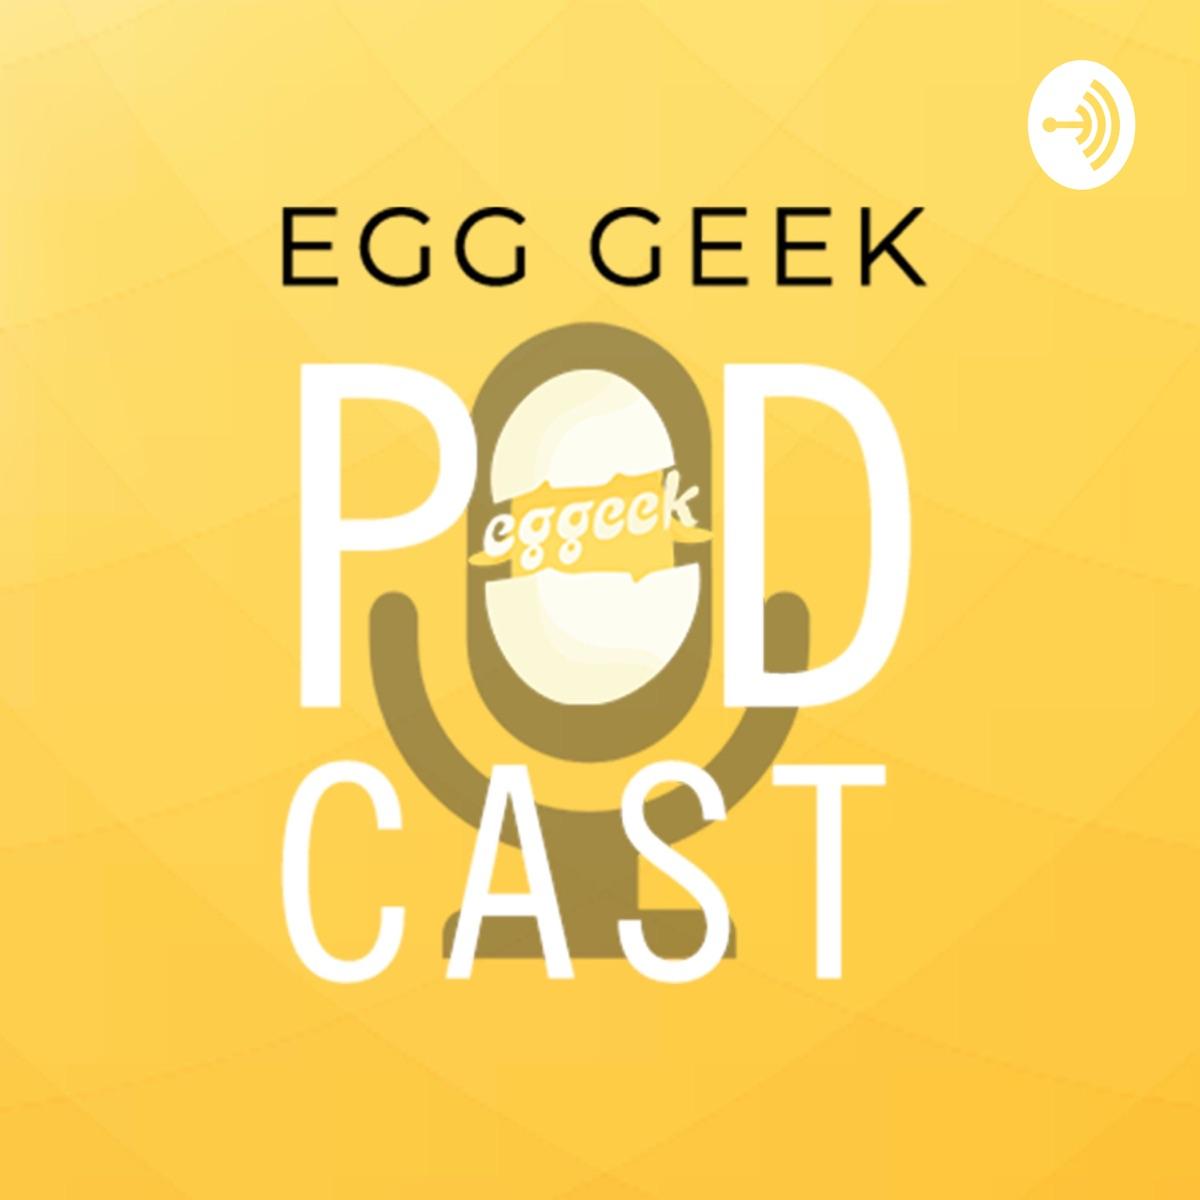 Egg Geek